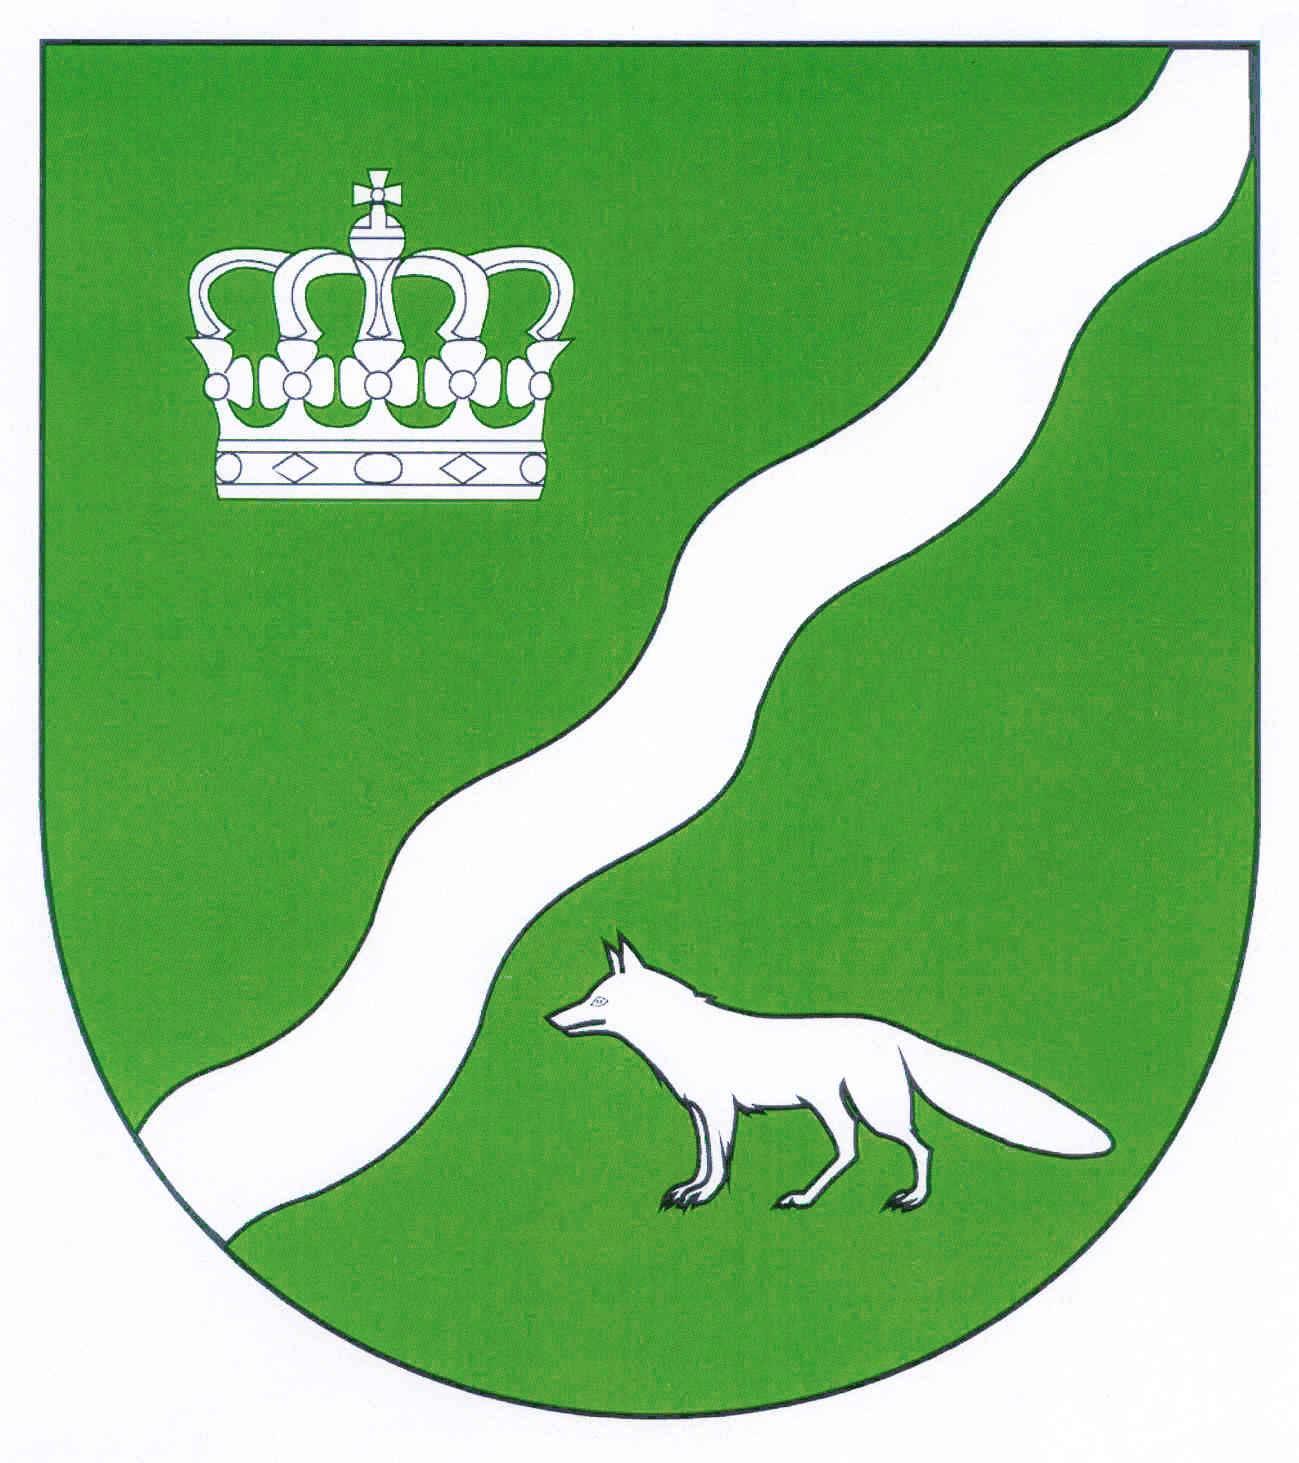 Wappen GemeindeFriedrichsgraben, Kreis Rendsburg-Eckernförde